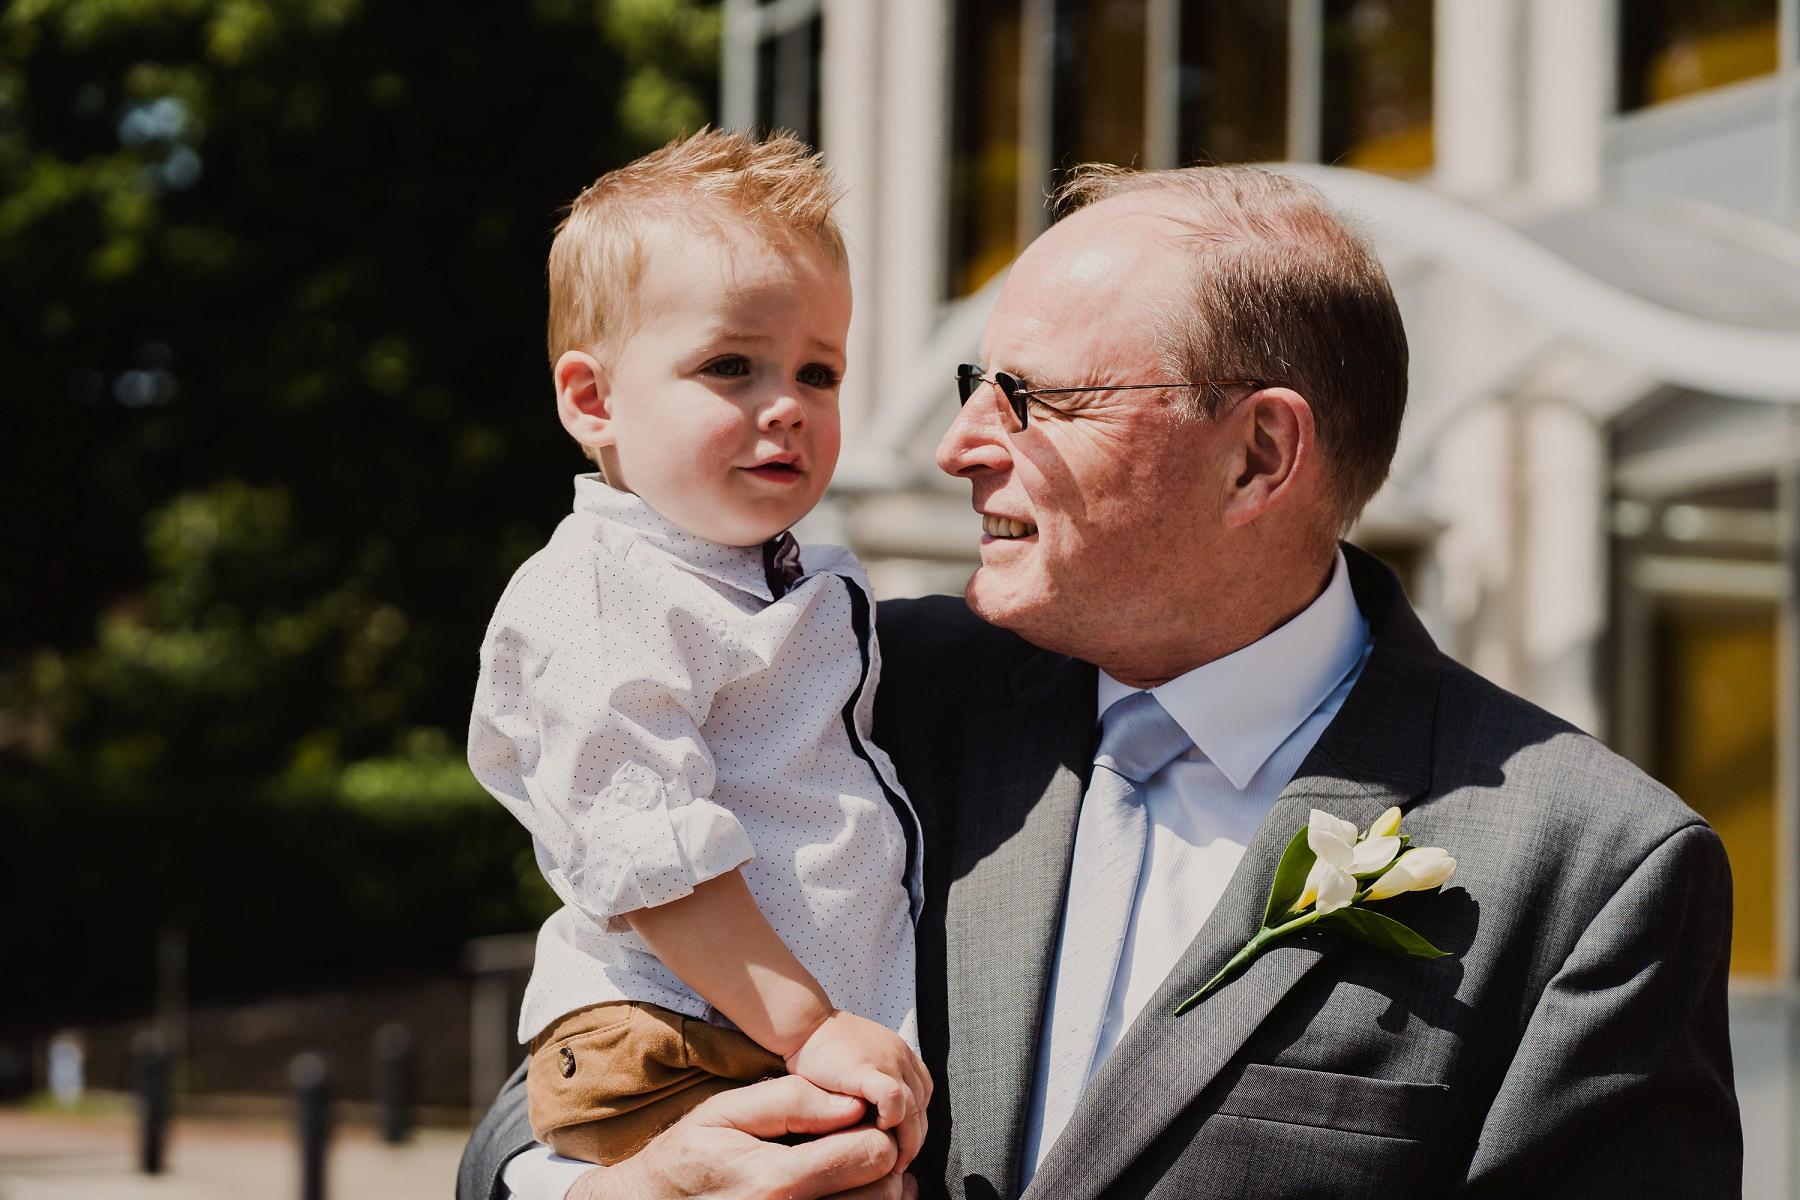 danny_alex_wedding_tease_0044.jpg